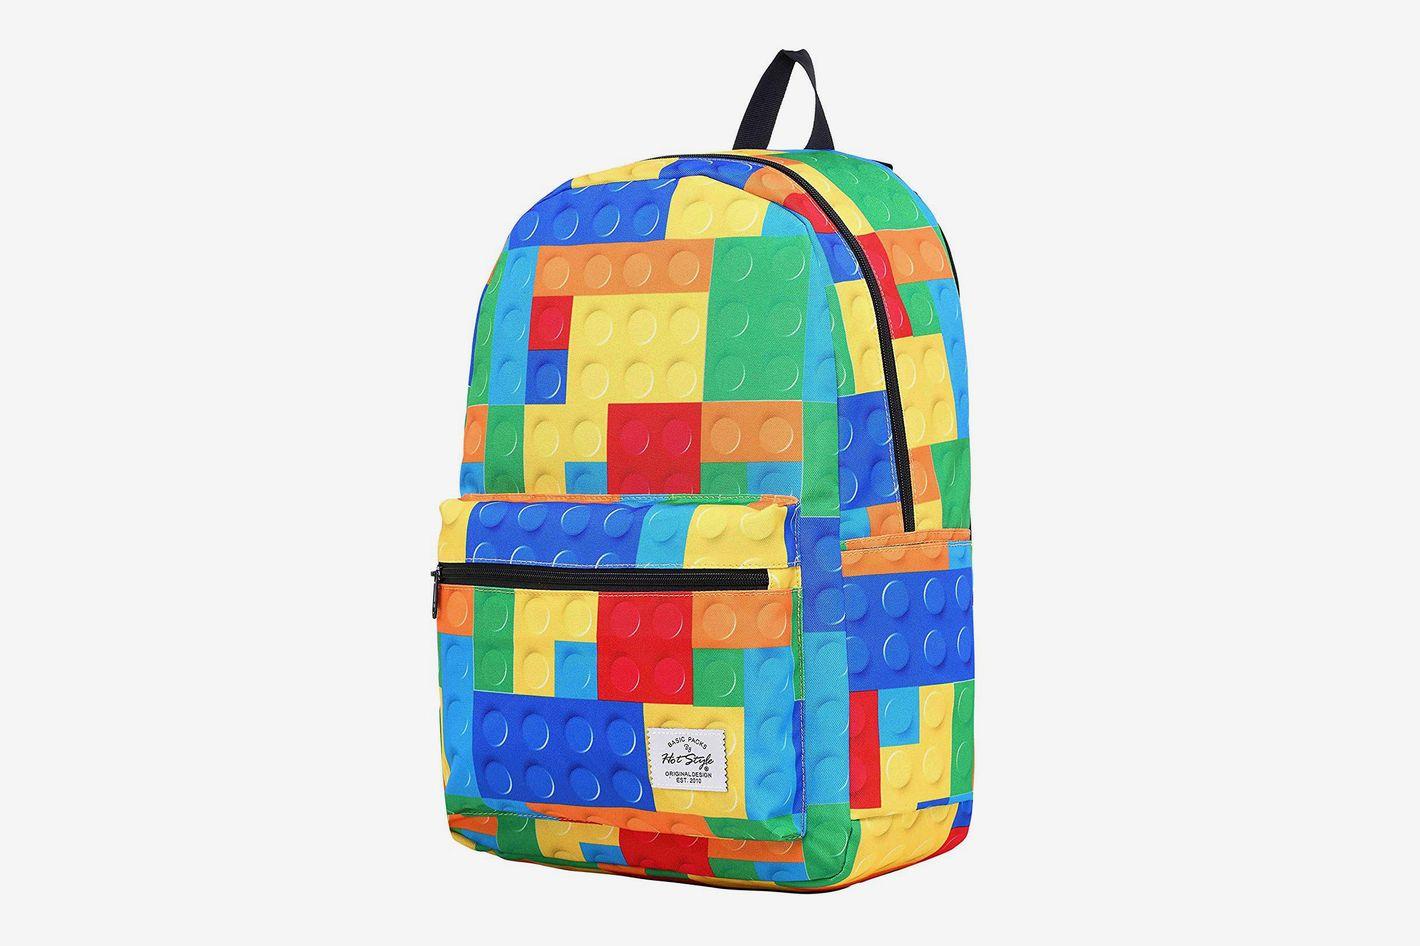 HotStyle Trendymax Backpack